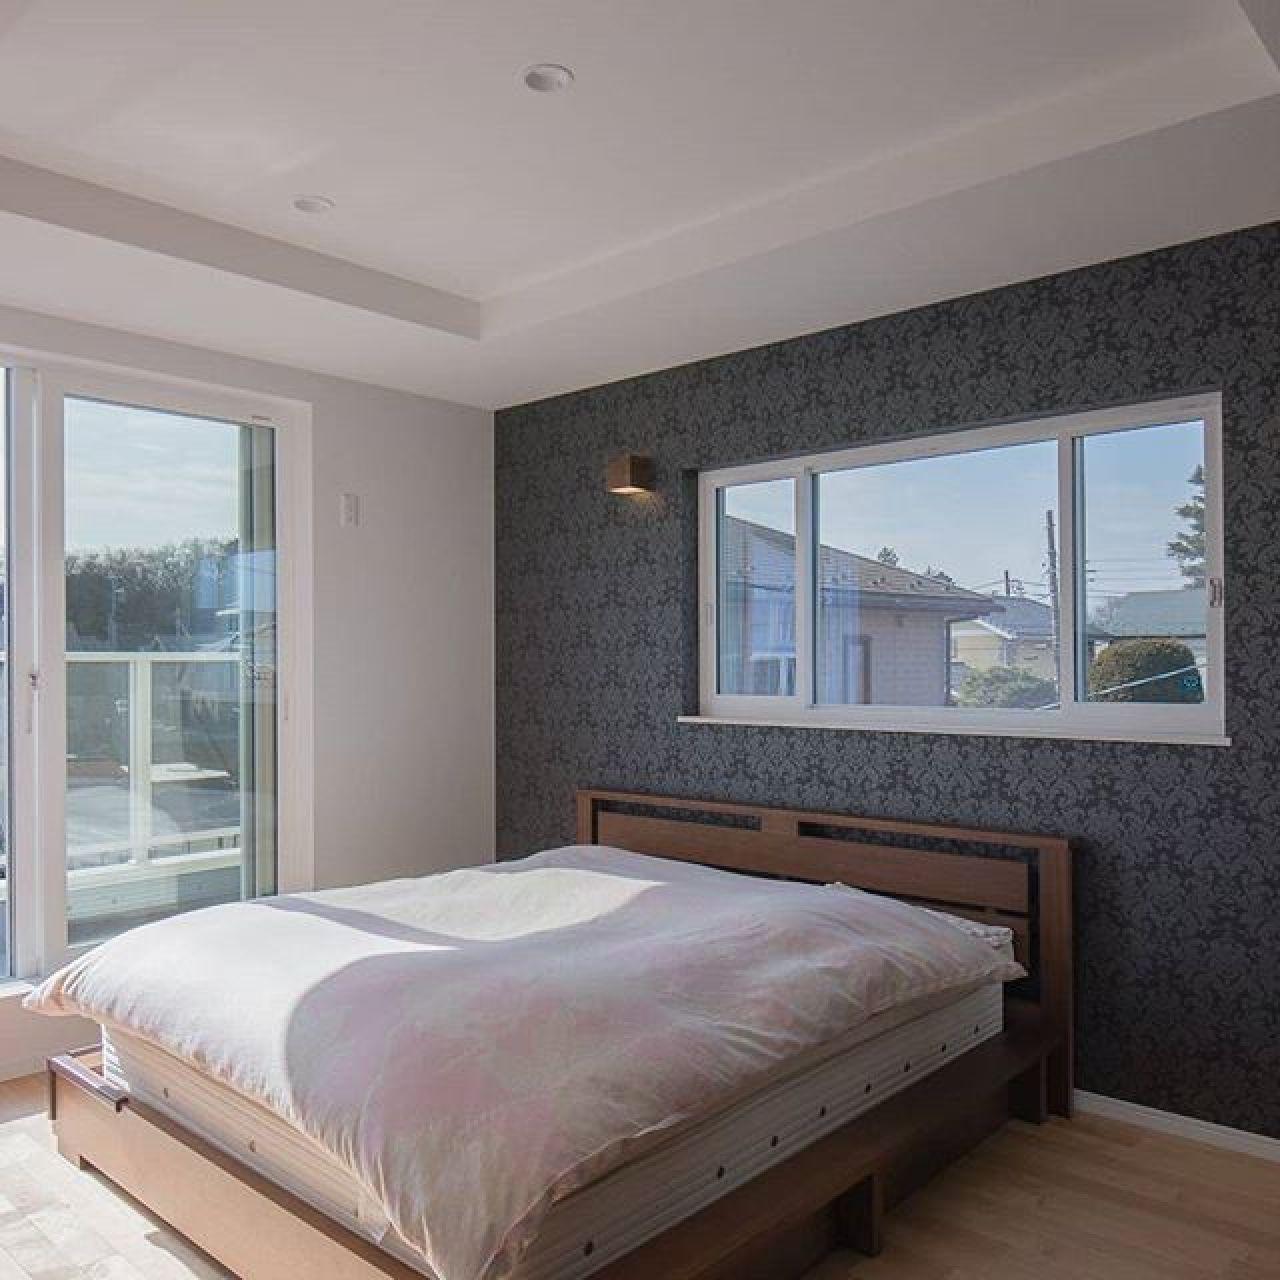 天井を折り上げ一面だけデザインウォールに。壁紙(クロス)を一工夫するだけで随分とイメージが変わります。#折り上げ天井 #寝室インテリア #寝室照明 #壁紙 #デザインウォール #APW330#ハイサッシ #注文住宅